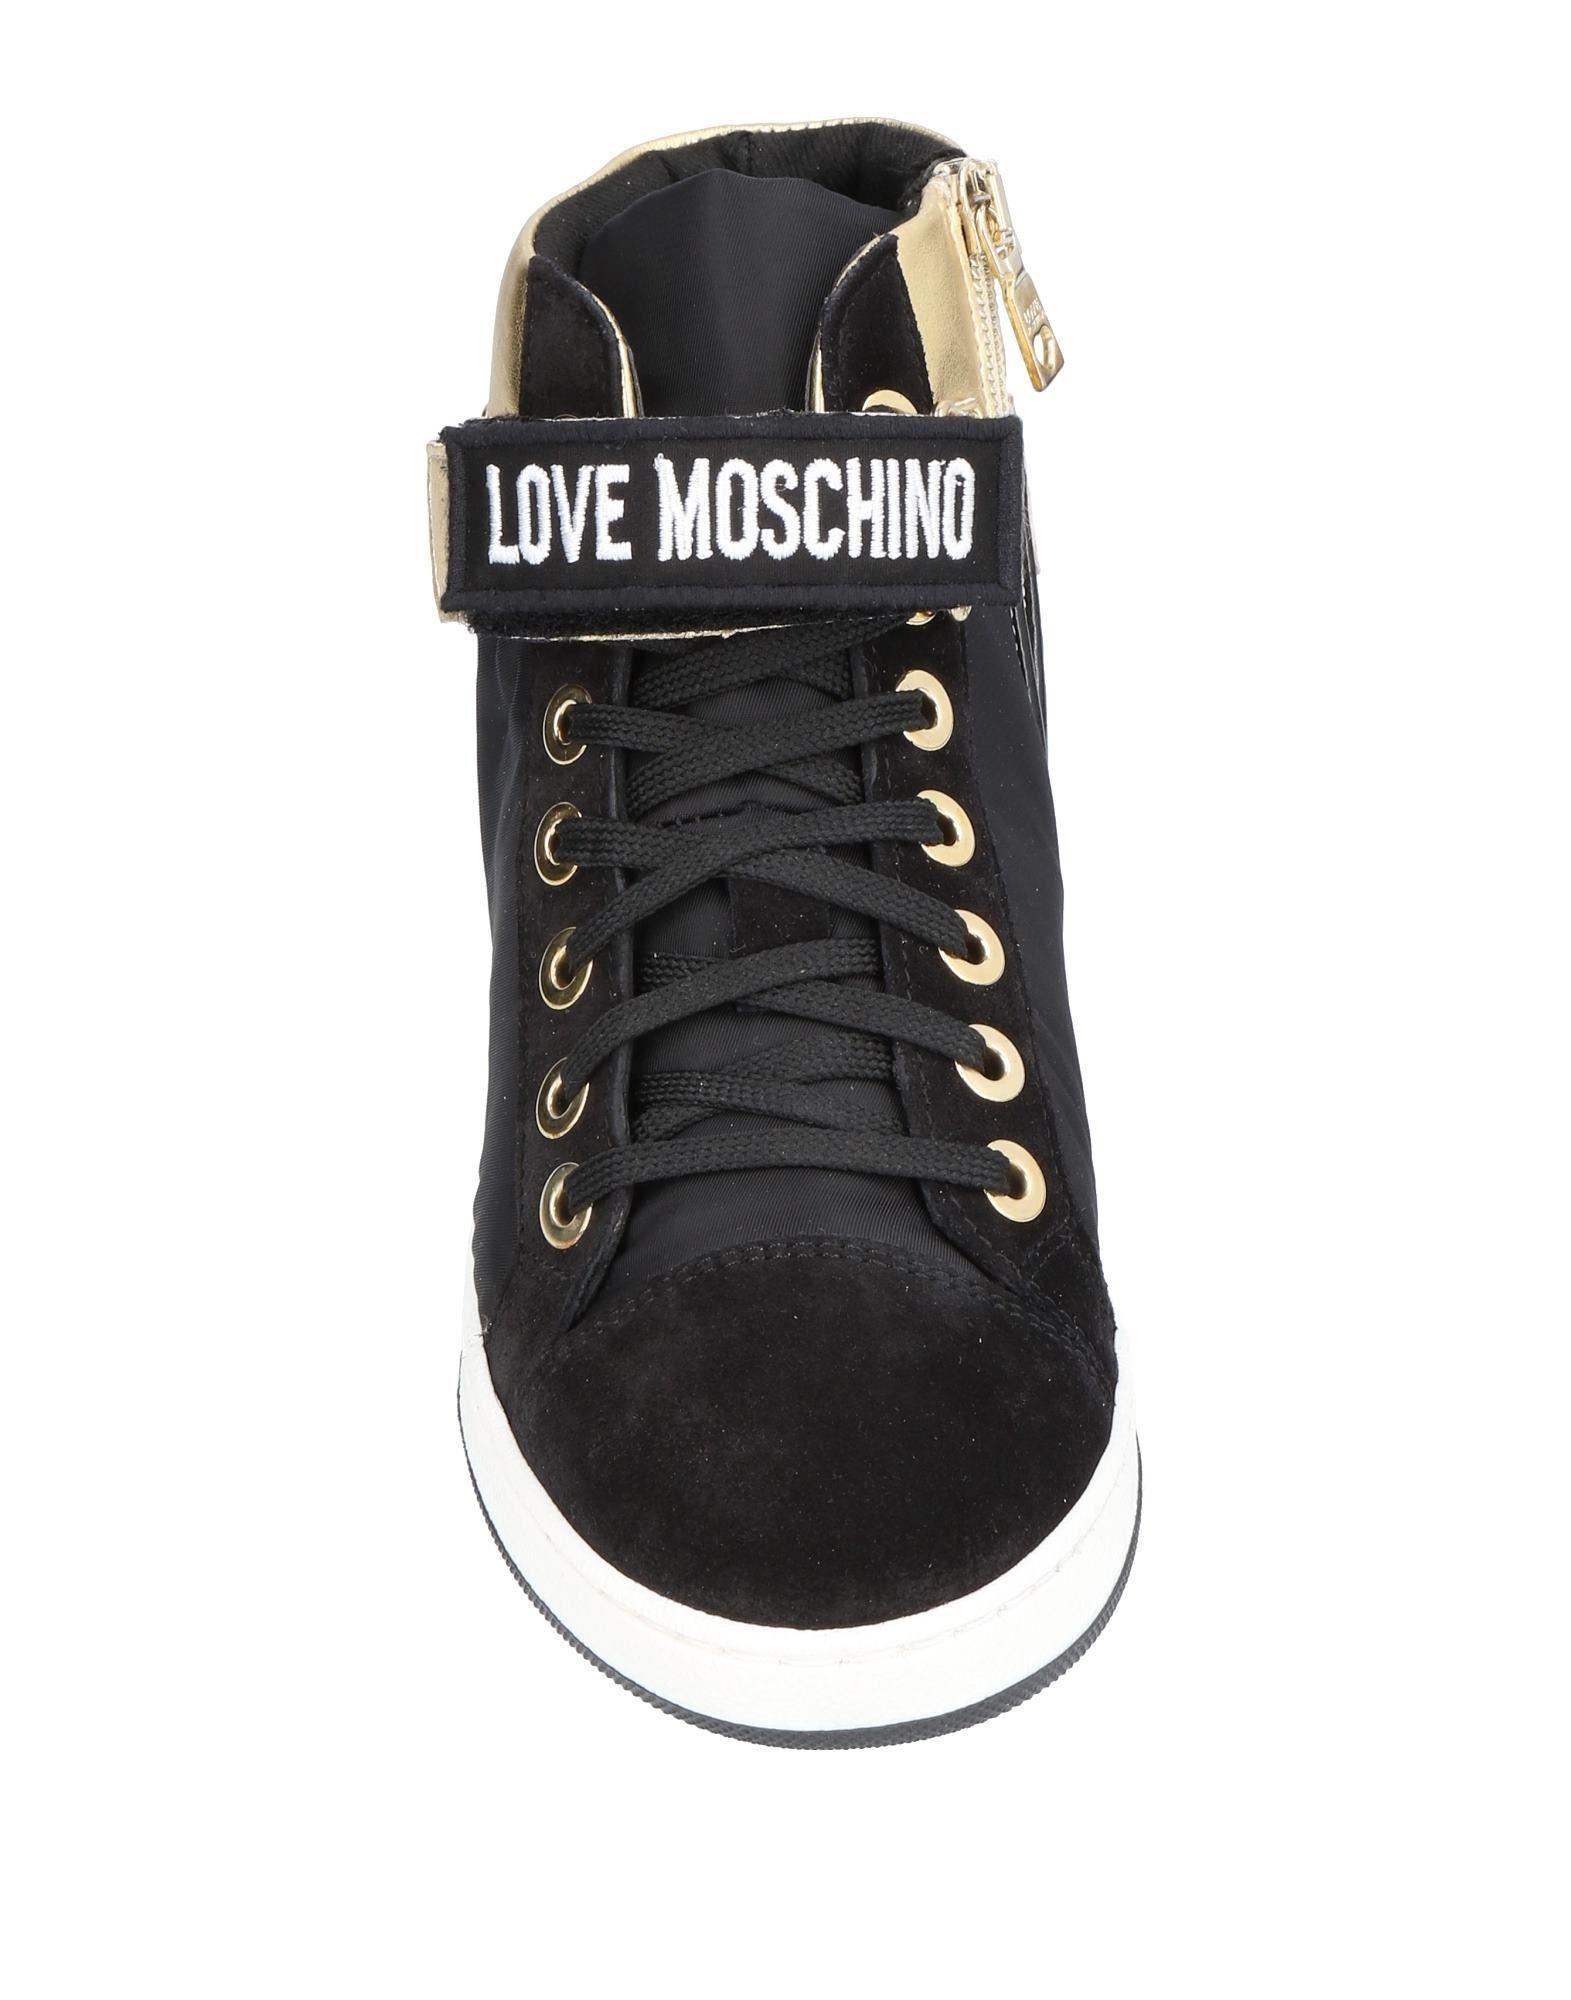 Sneakers abotinadas Love Moschino de Cuero de color Negro